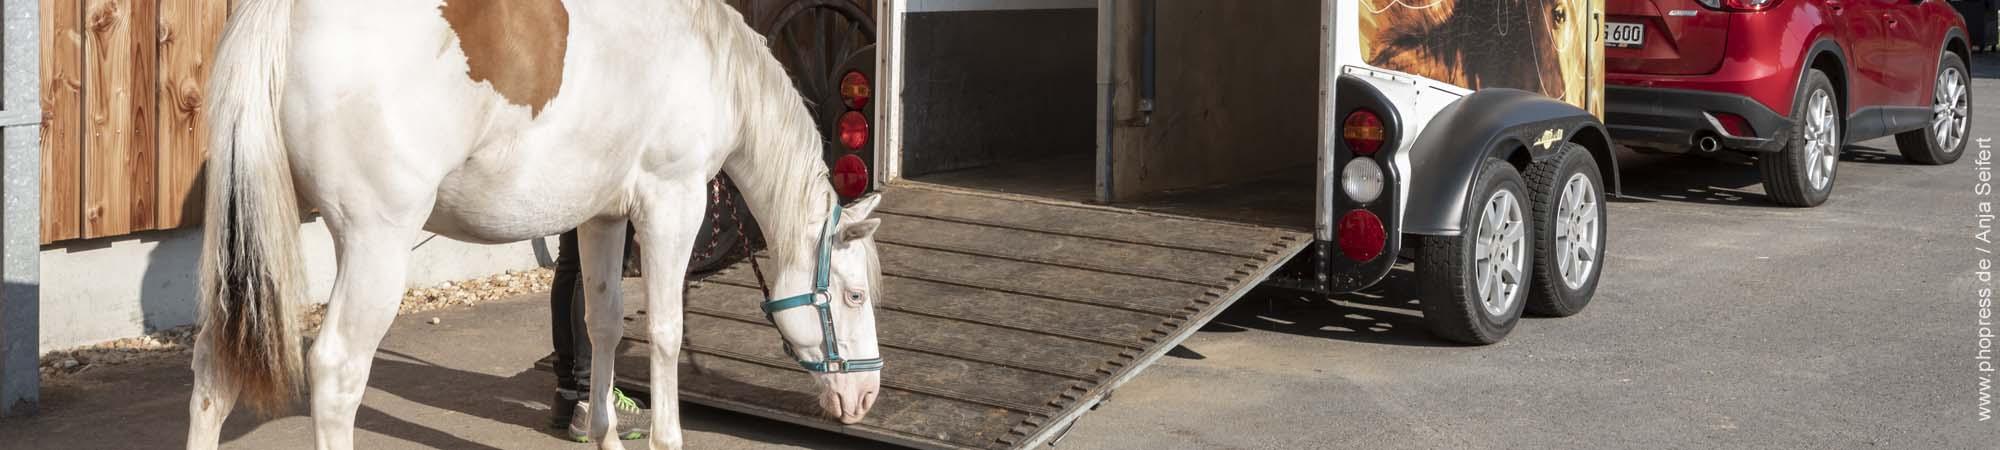 Hängertraining mit jungen Pferden ist immer eine Herausforderung.